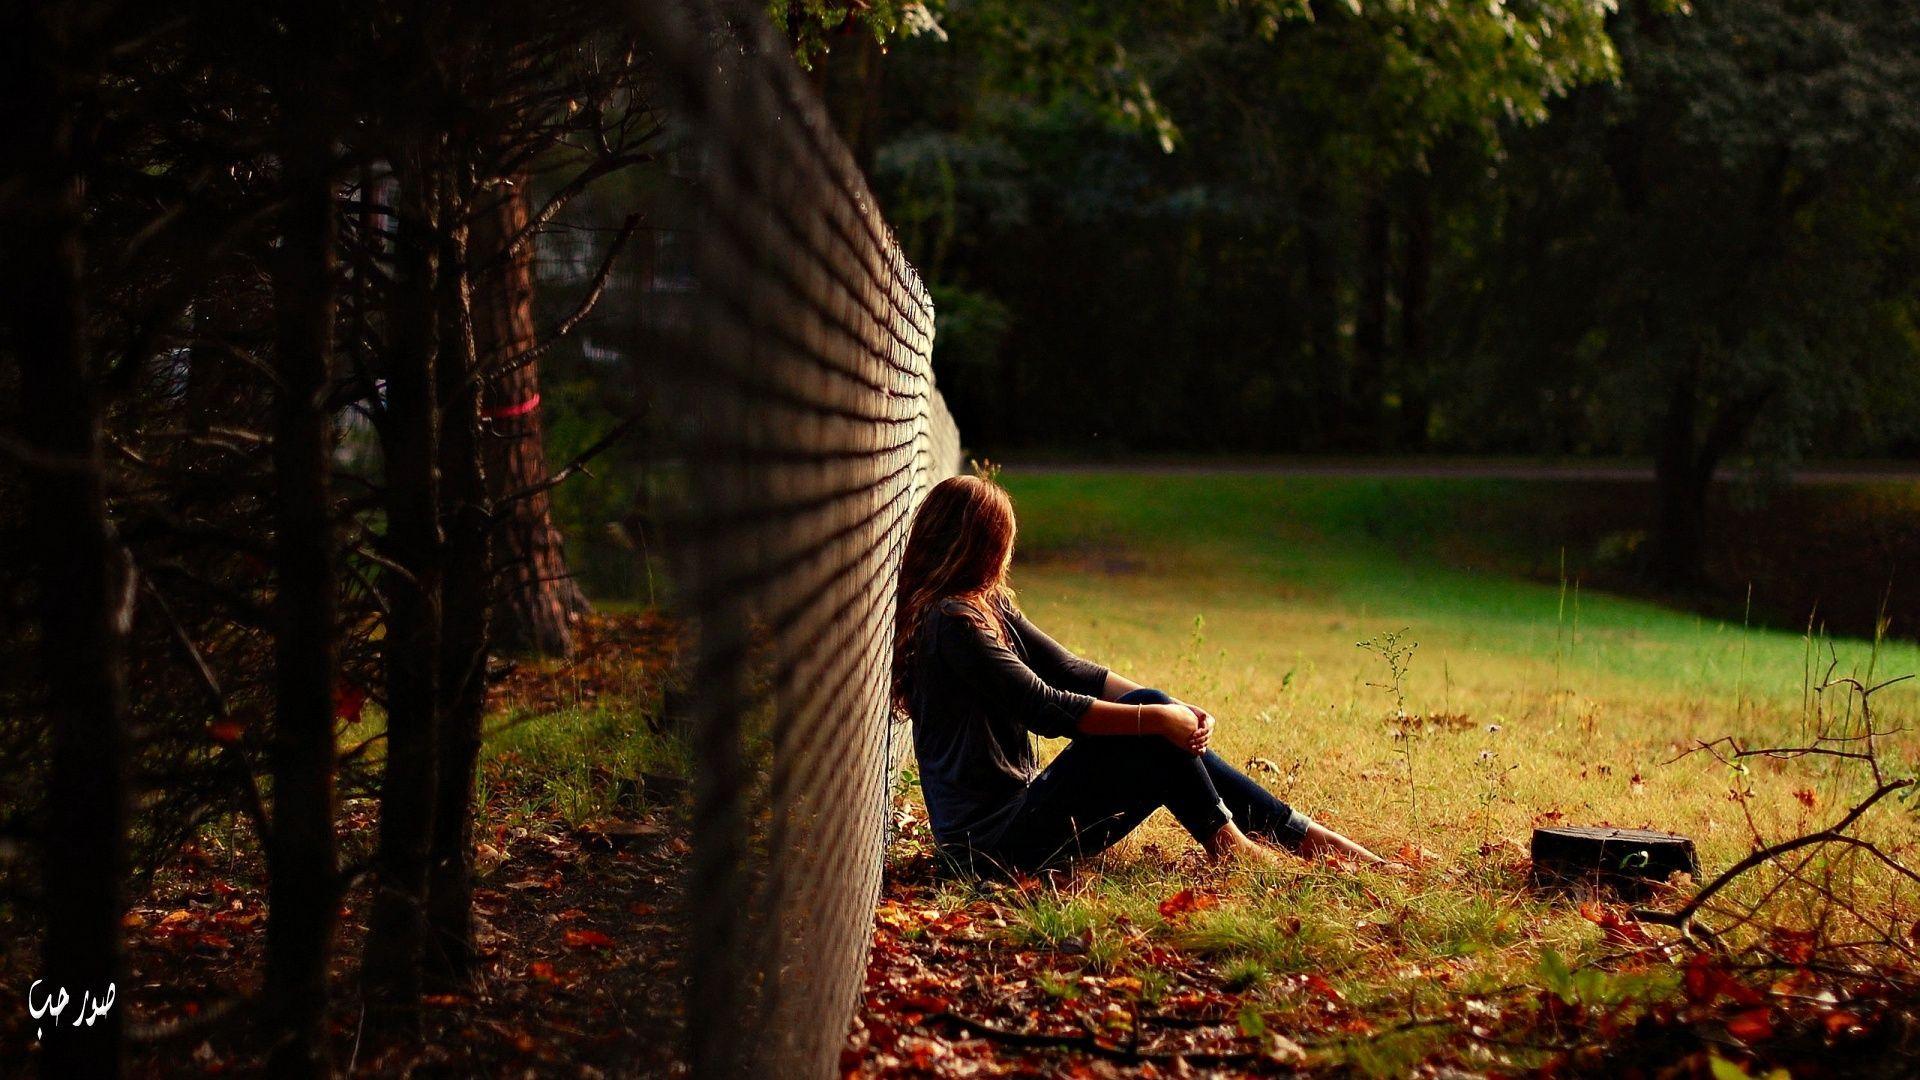 صور بنات حزينة صور حزينه جدا للبنات تقهر القلب Alone Girl Nature Wallpaper Lonely Girl